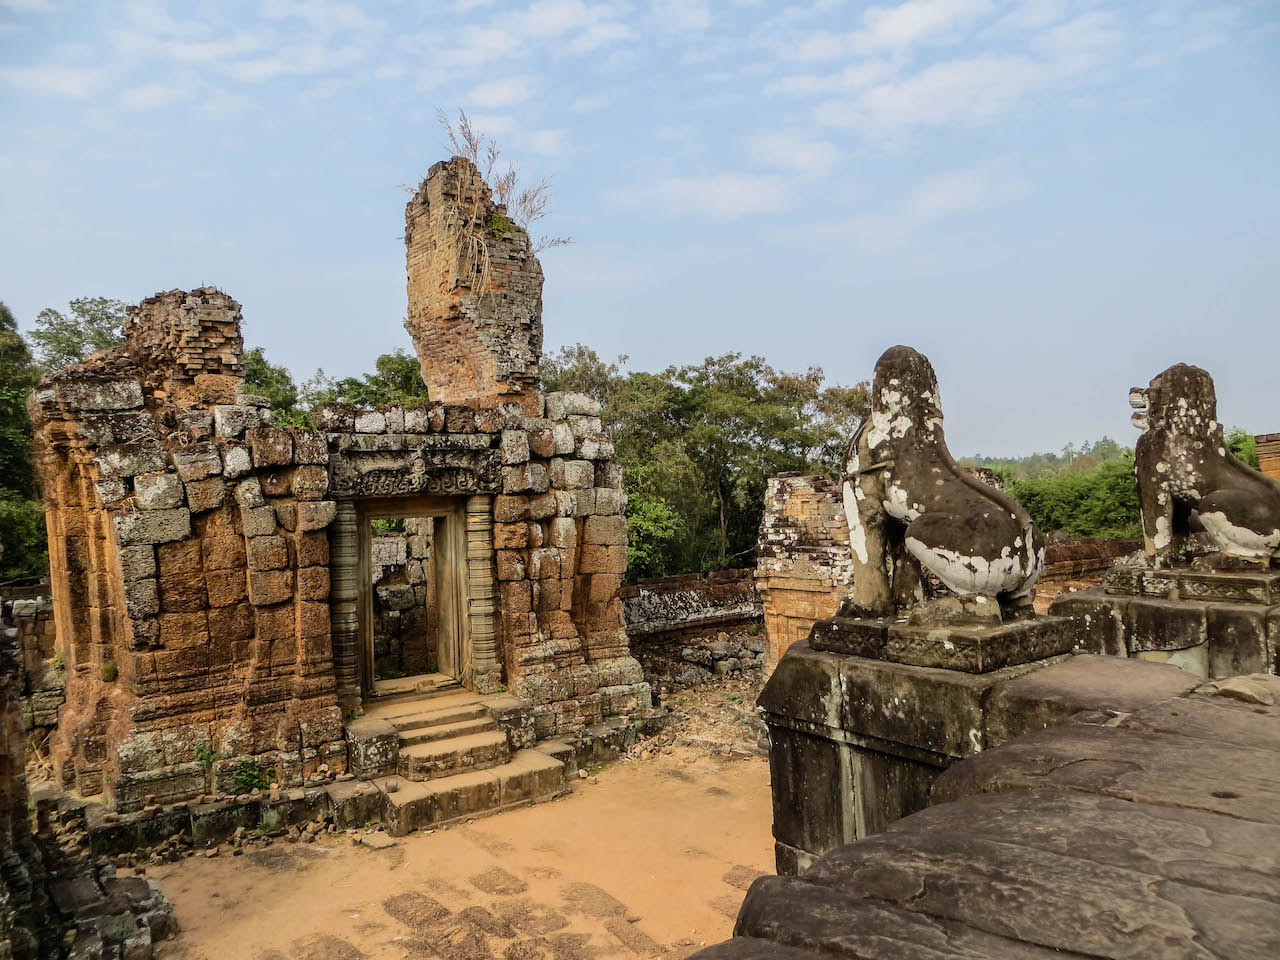 Wunderschöne Aussichten in den Tempelanlagen von Angkor Wat.